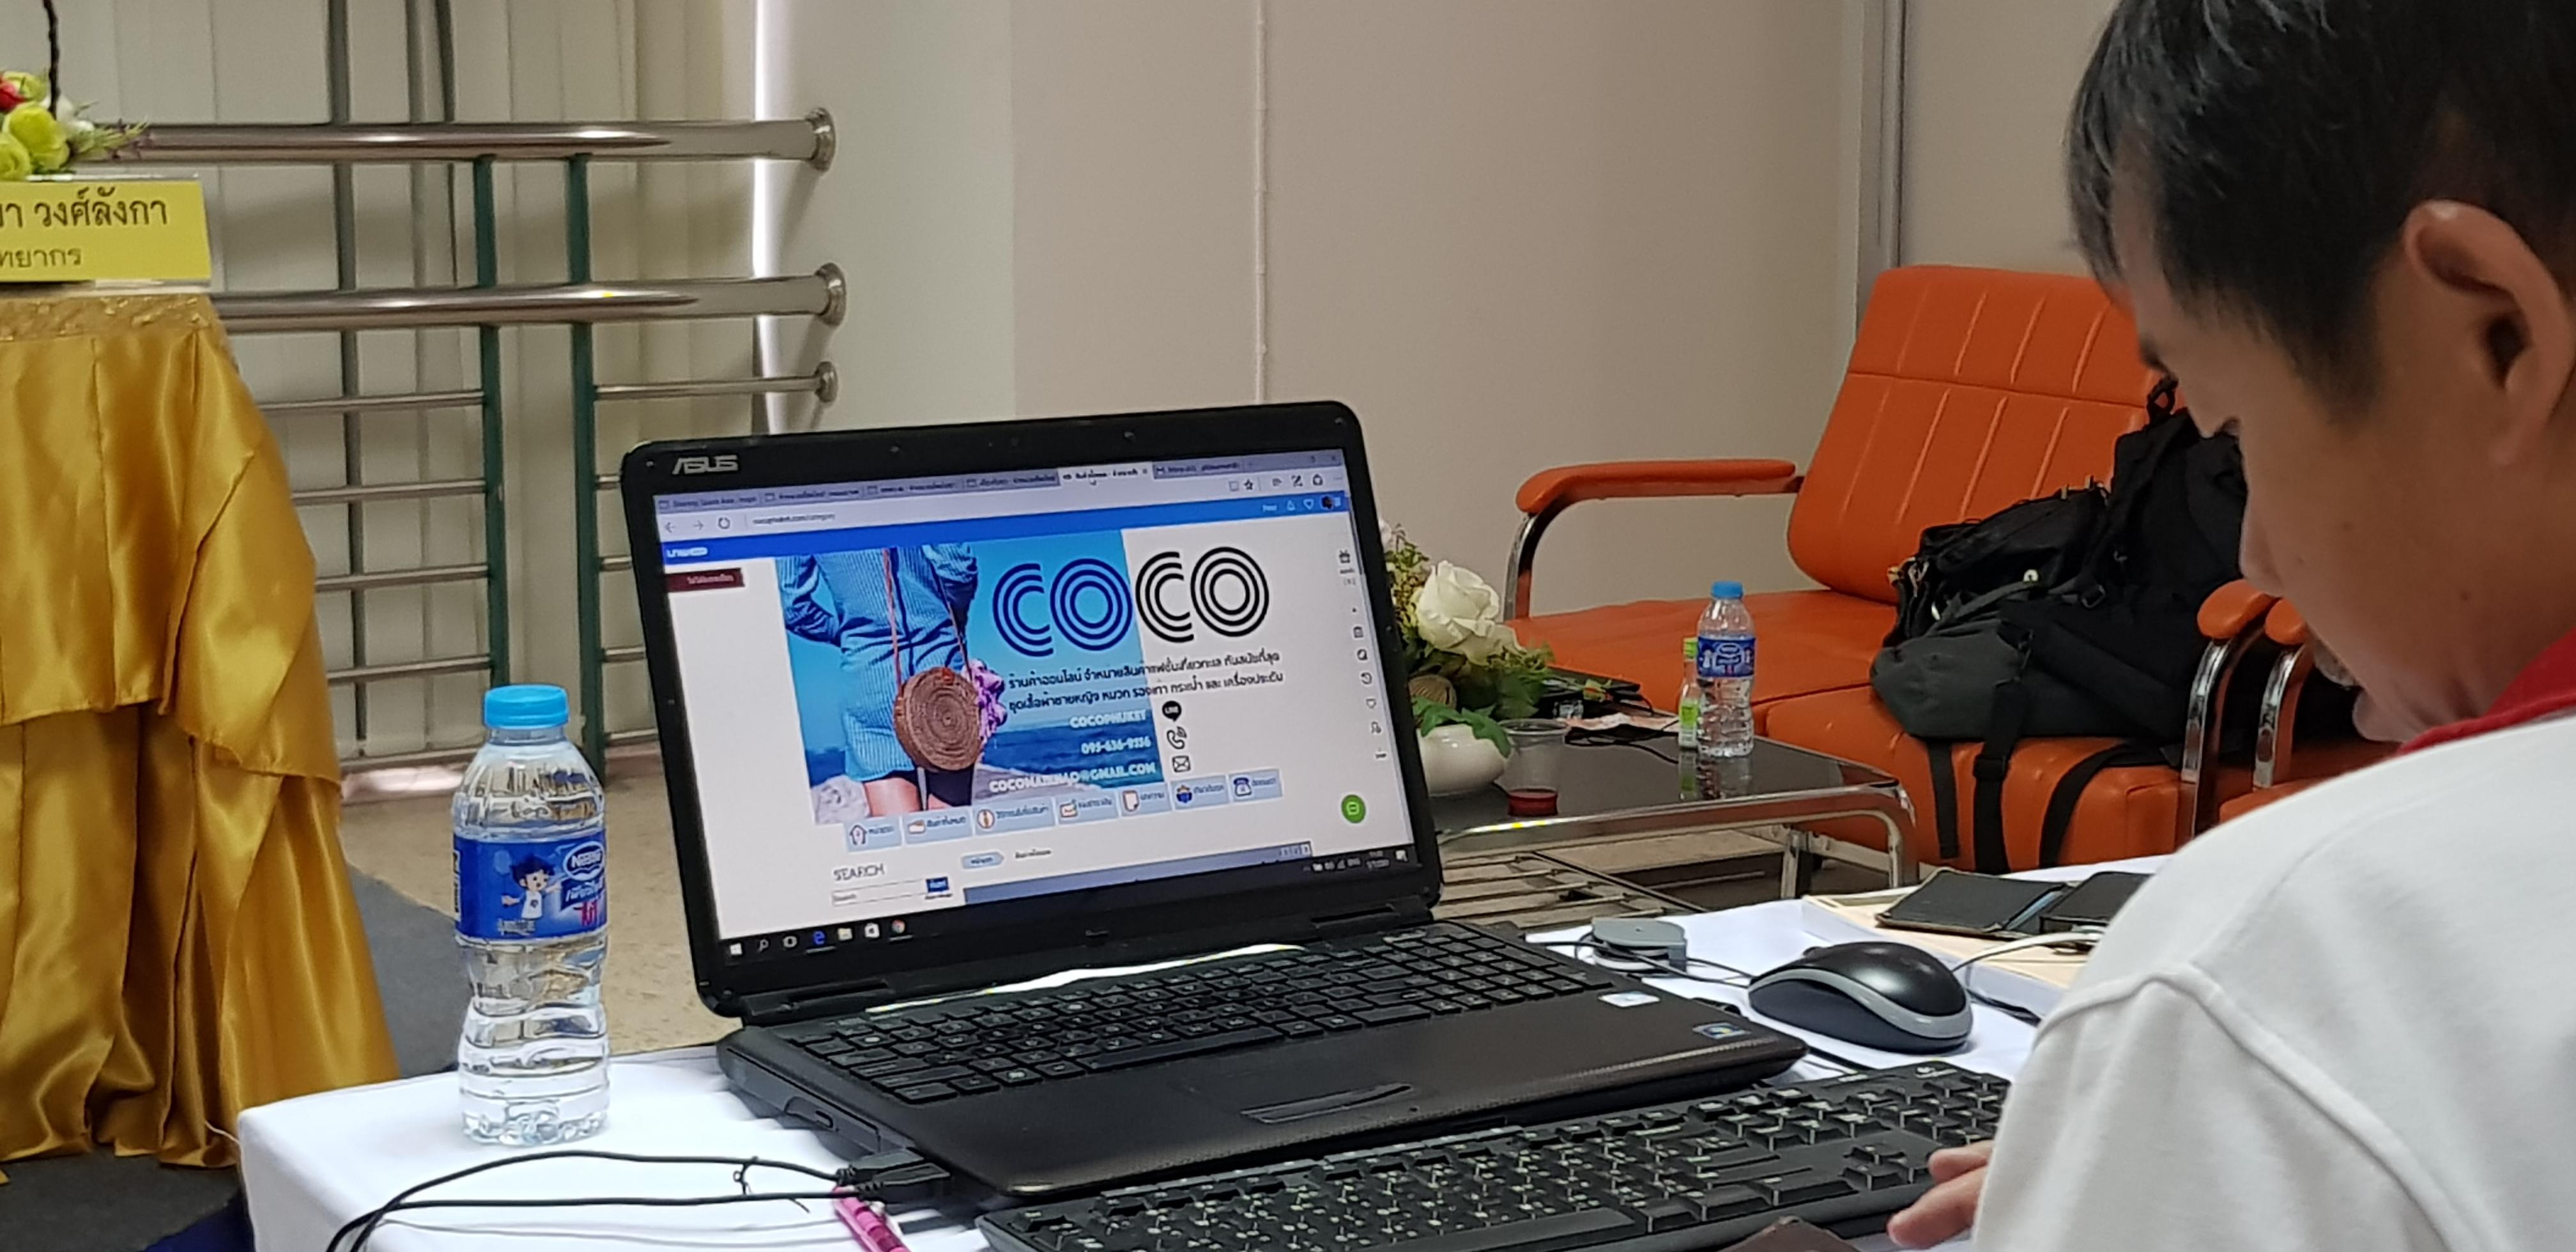 อบรมหลักสูตรสอนขายของออนไลน์และการตลาดออนไลน์โดยอาจารย์ใบตอง